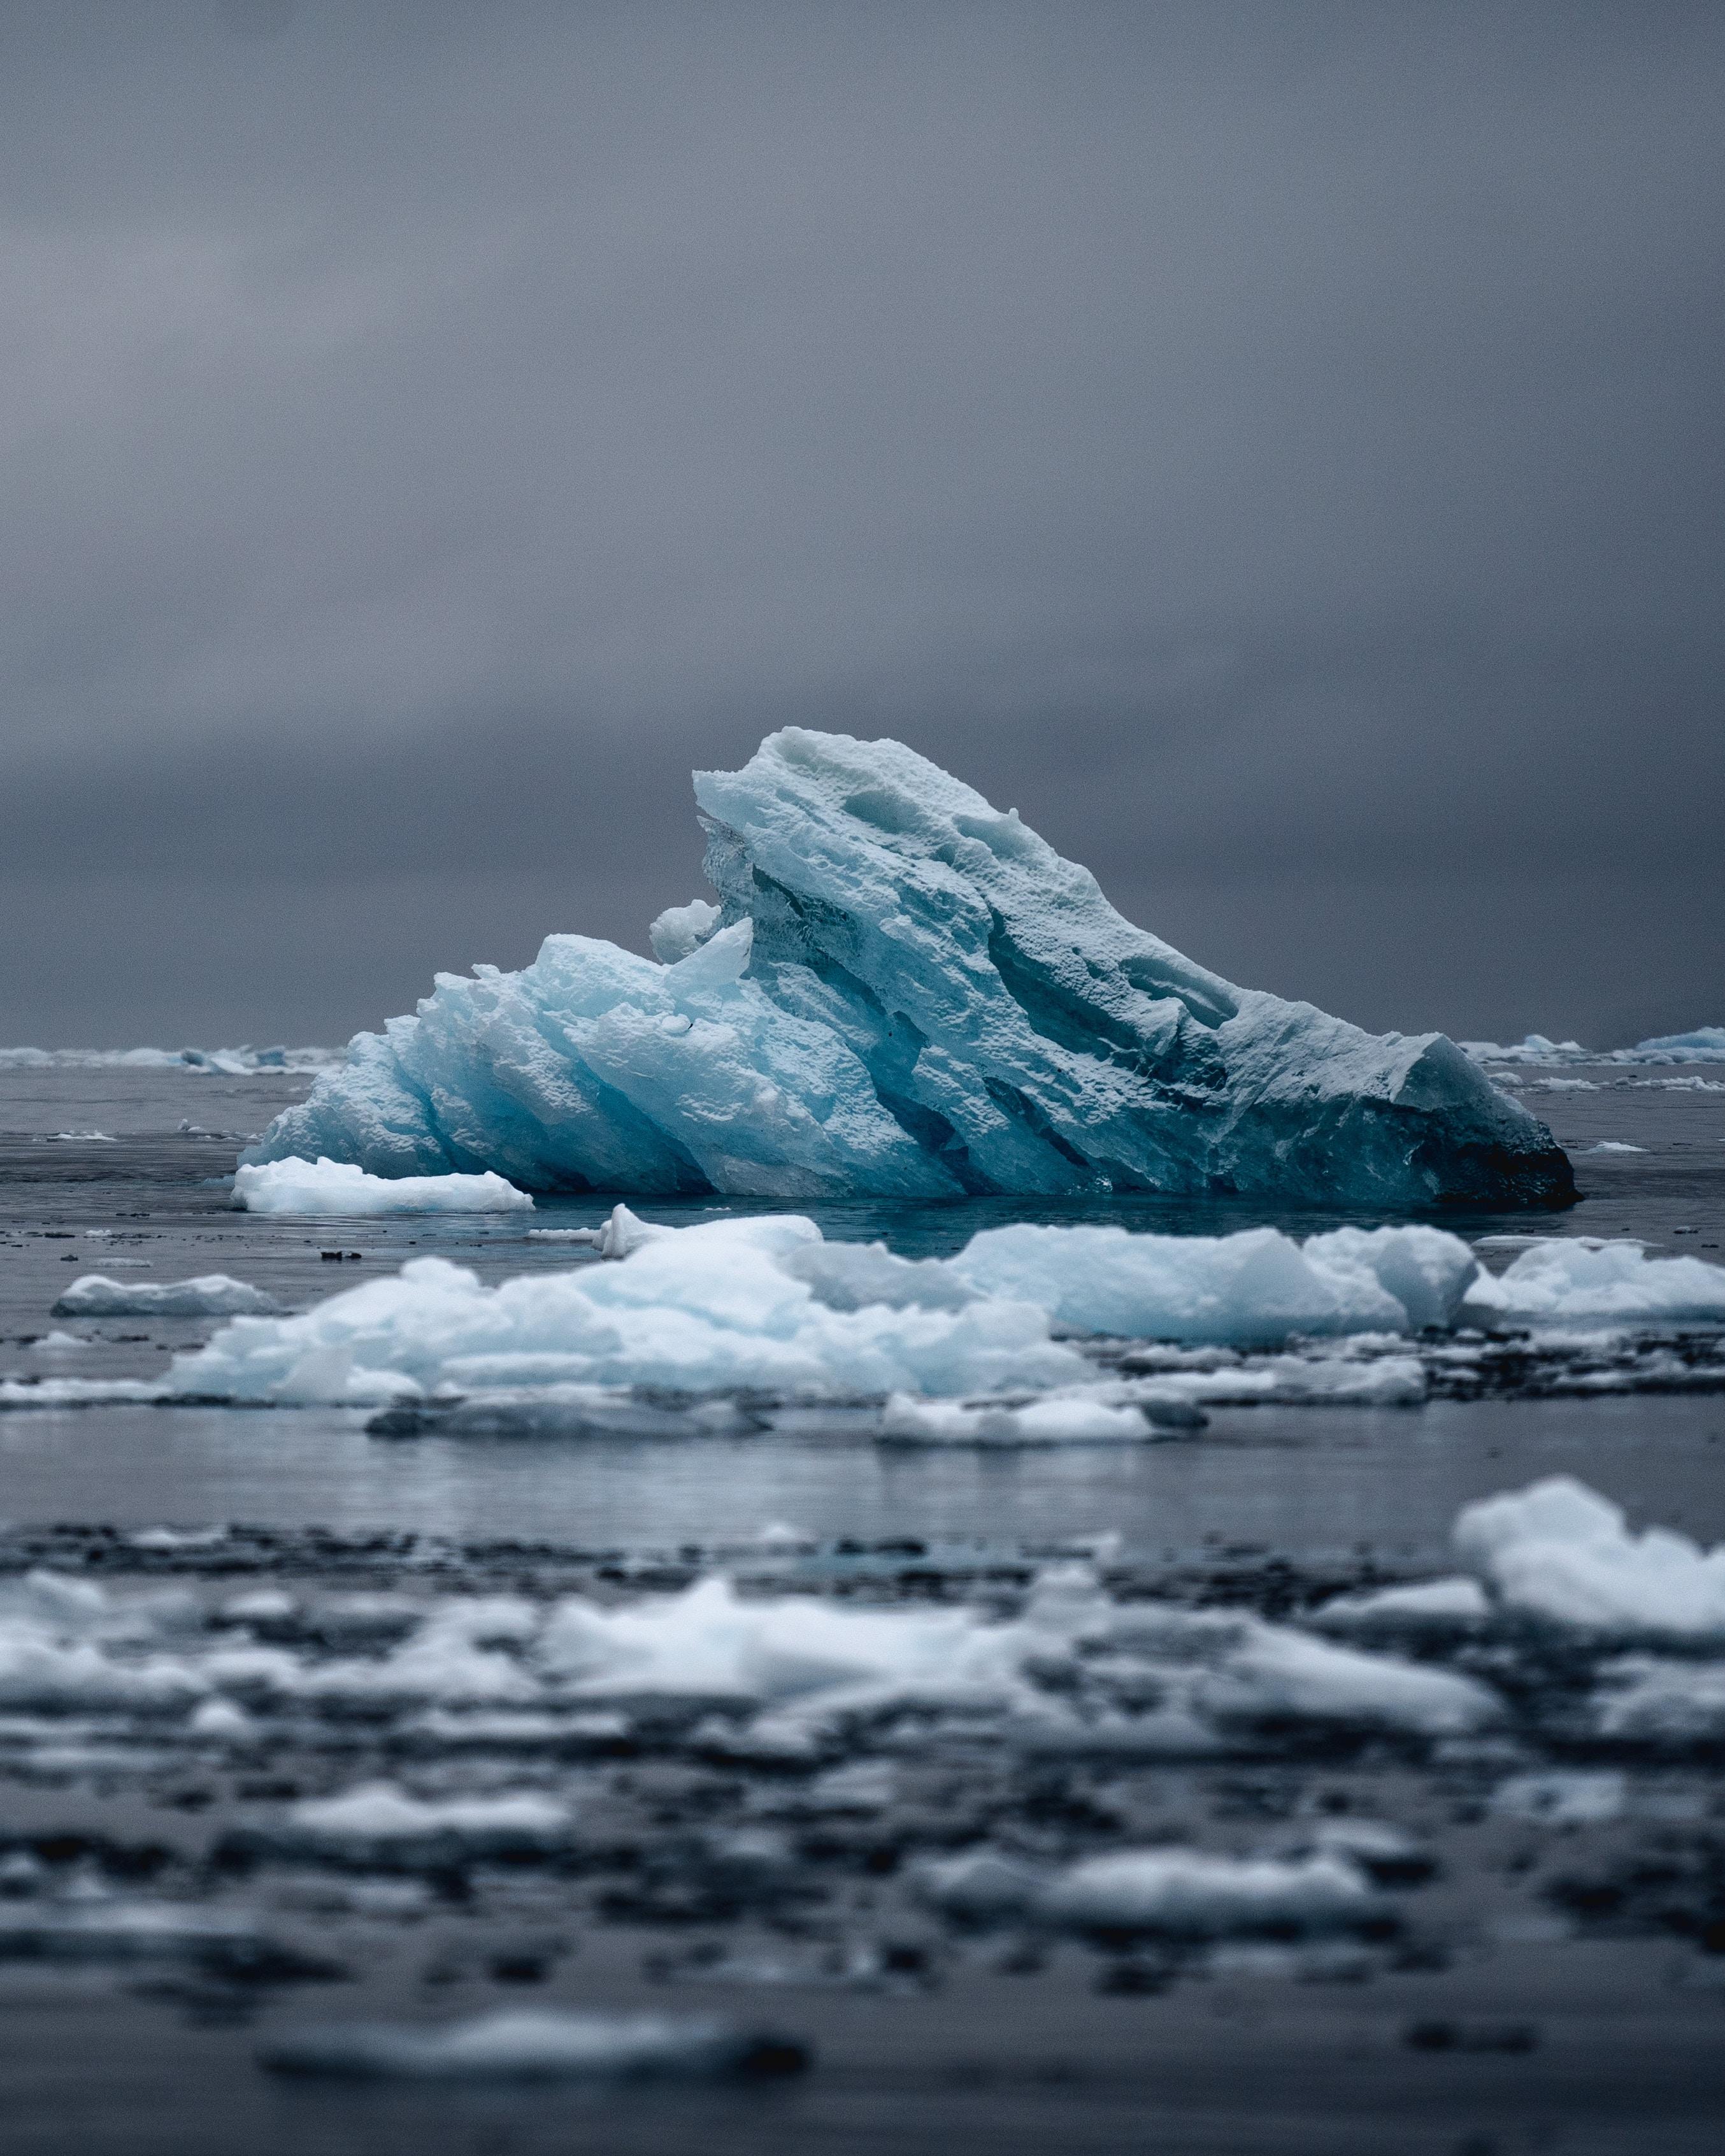 73063 Заставки и Обои Лед на телефон. Скачать Лед, Природа, Вода, Замерзший, Айсберг картинки бесплатно